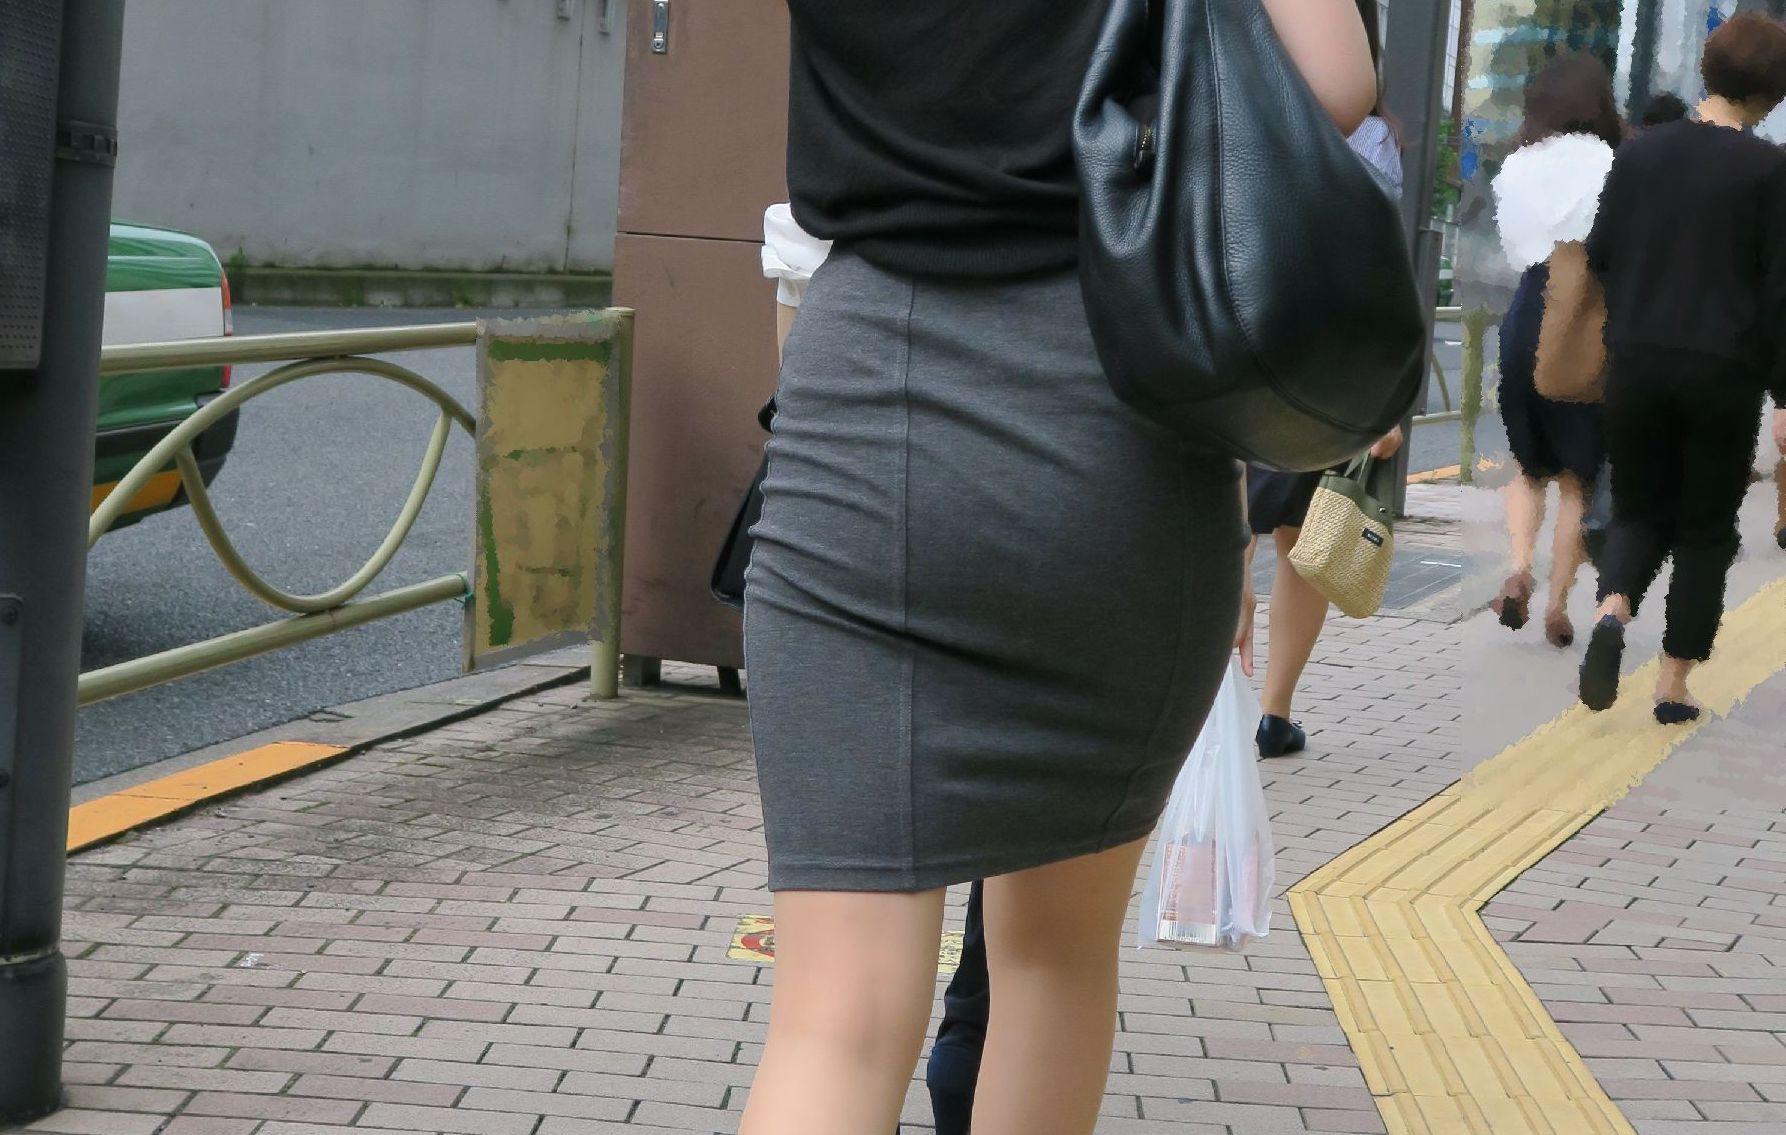 """<span class=""""title"""">【素人エロ画像】浮き上がるお尻のお肉屋太もものラインで中身を妄想してしまうタイトスカート女子を街撮りw</span>"""